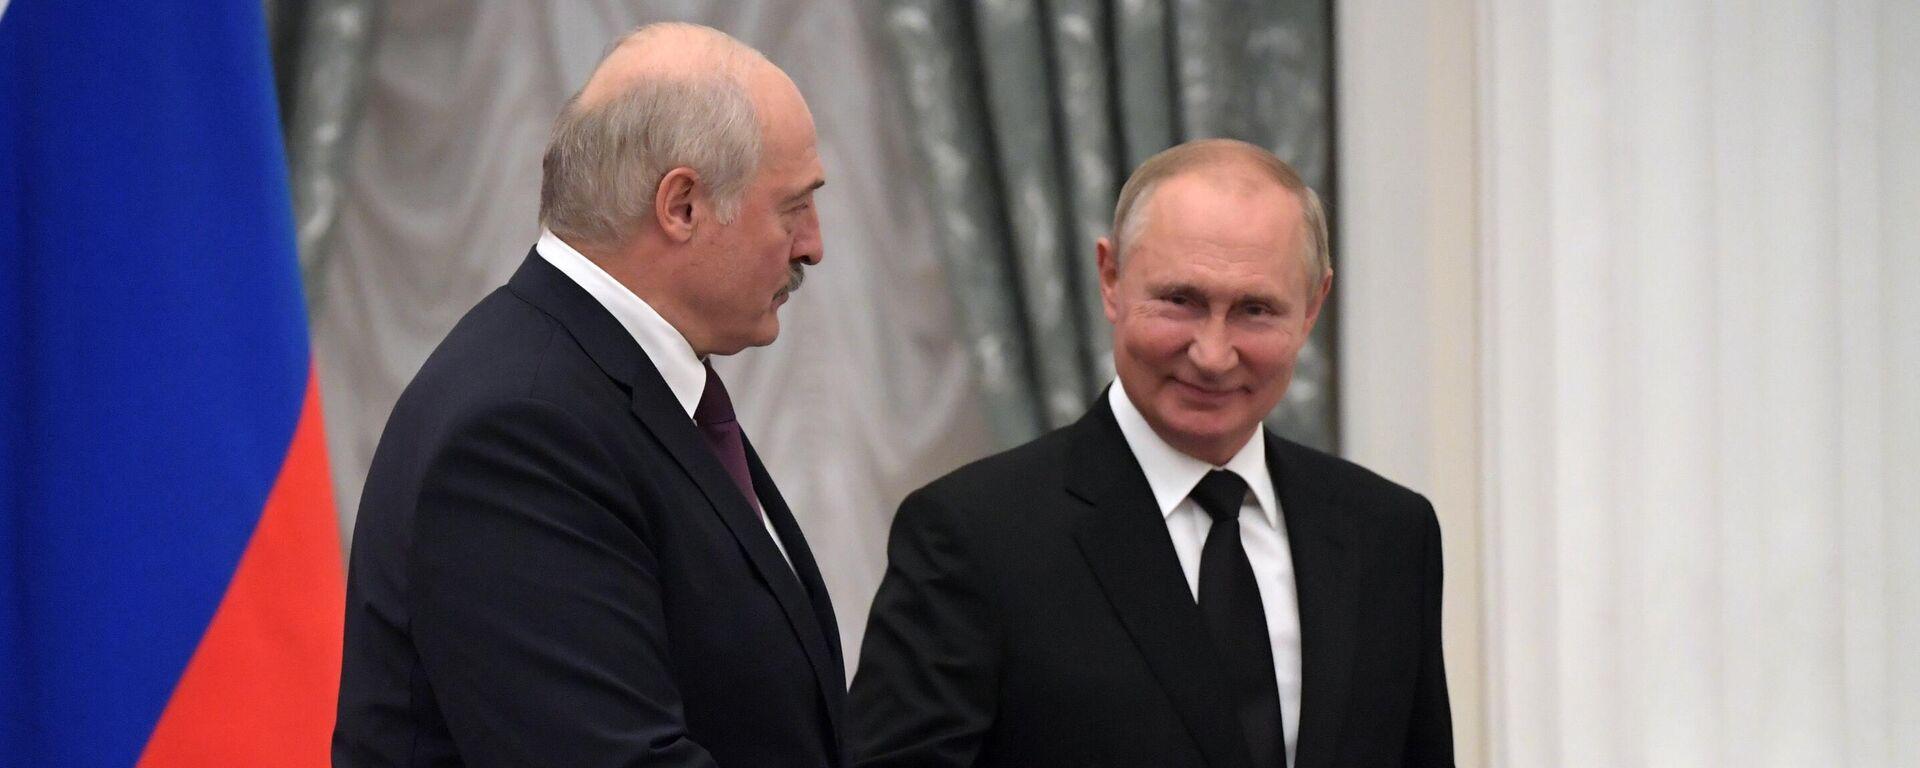 Alexander Lukaschenko und Wladimir Putin - SNA, 1920, 12.09.2021